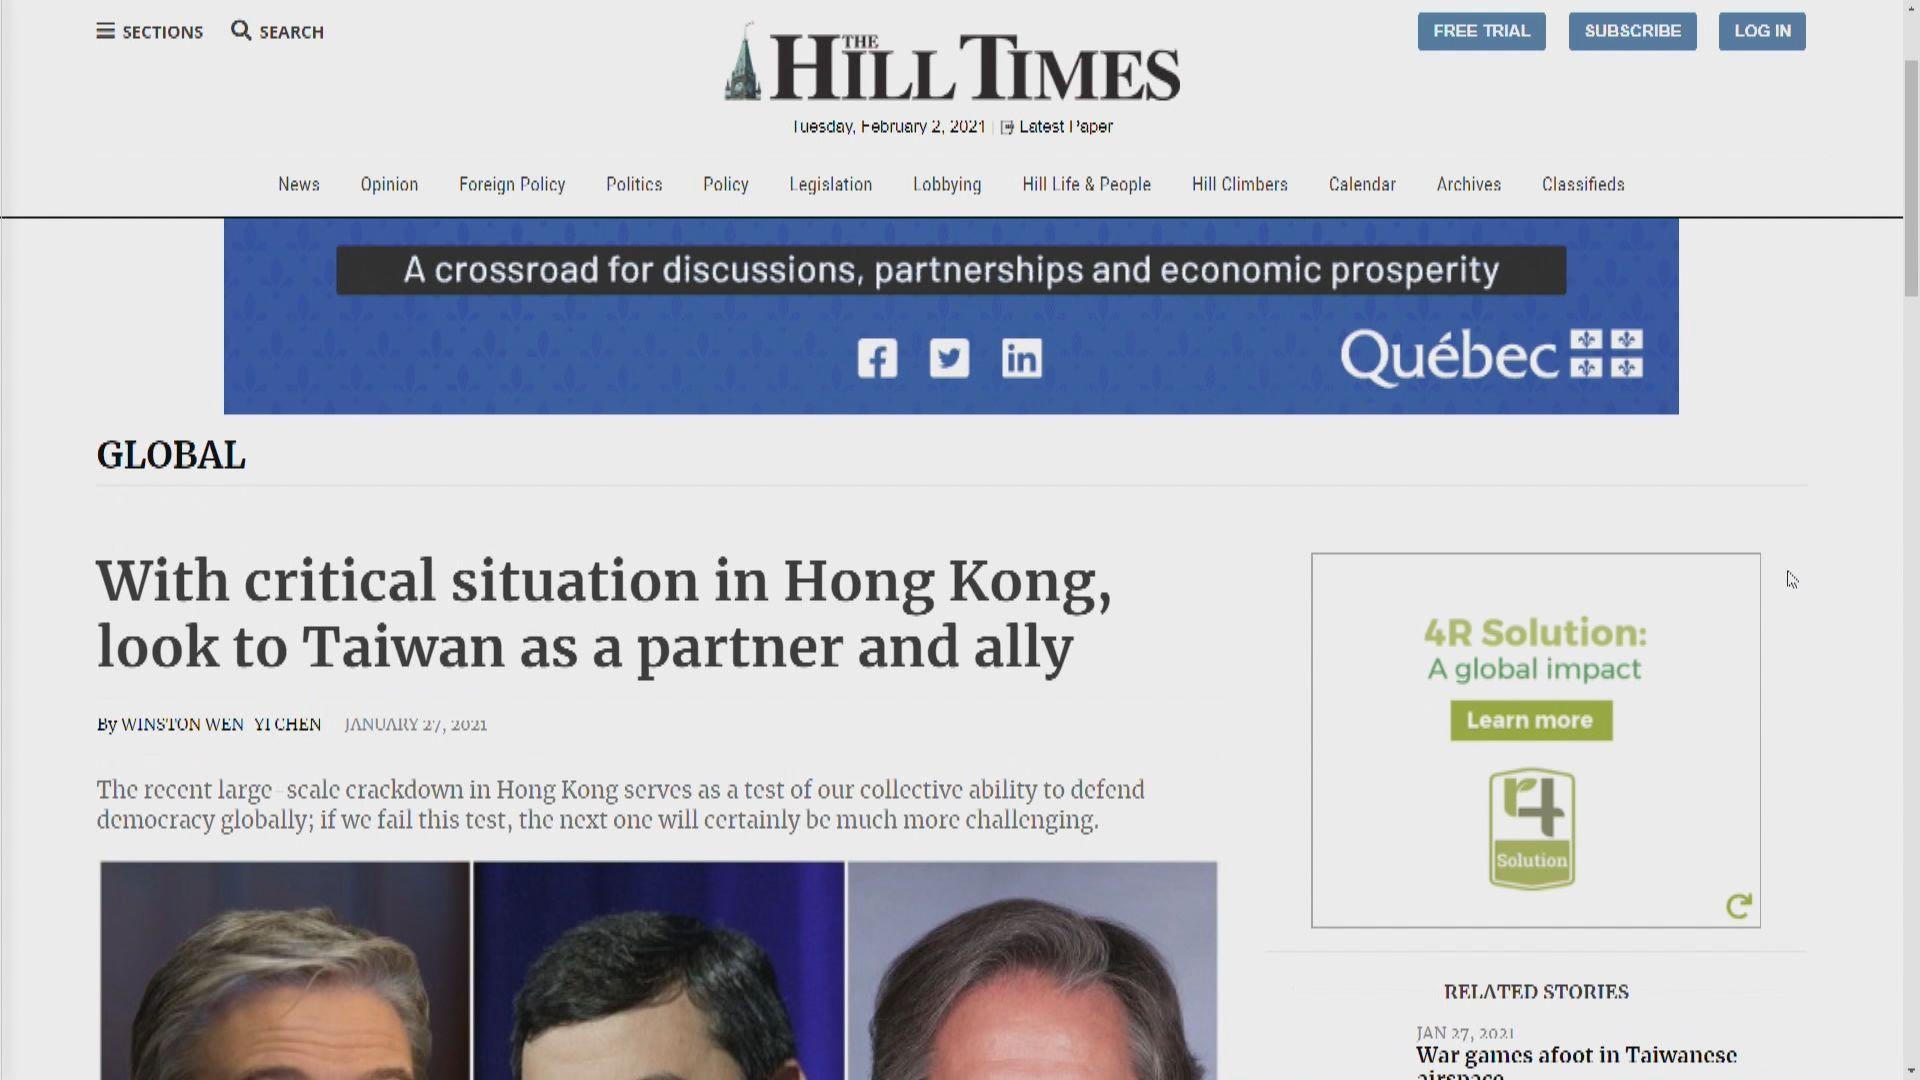 中方堅決反對加拿大媒體刊登涉港文章